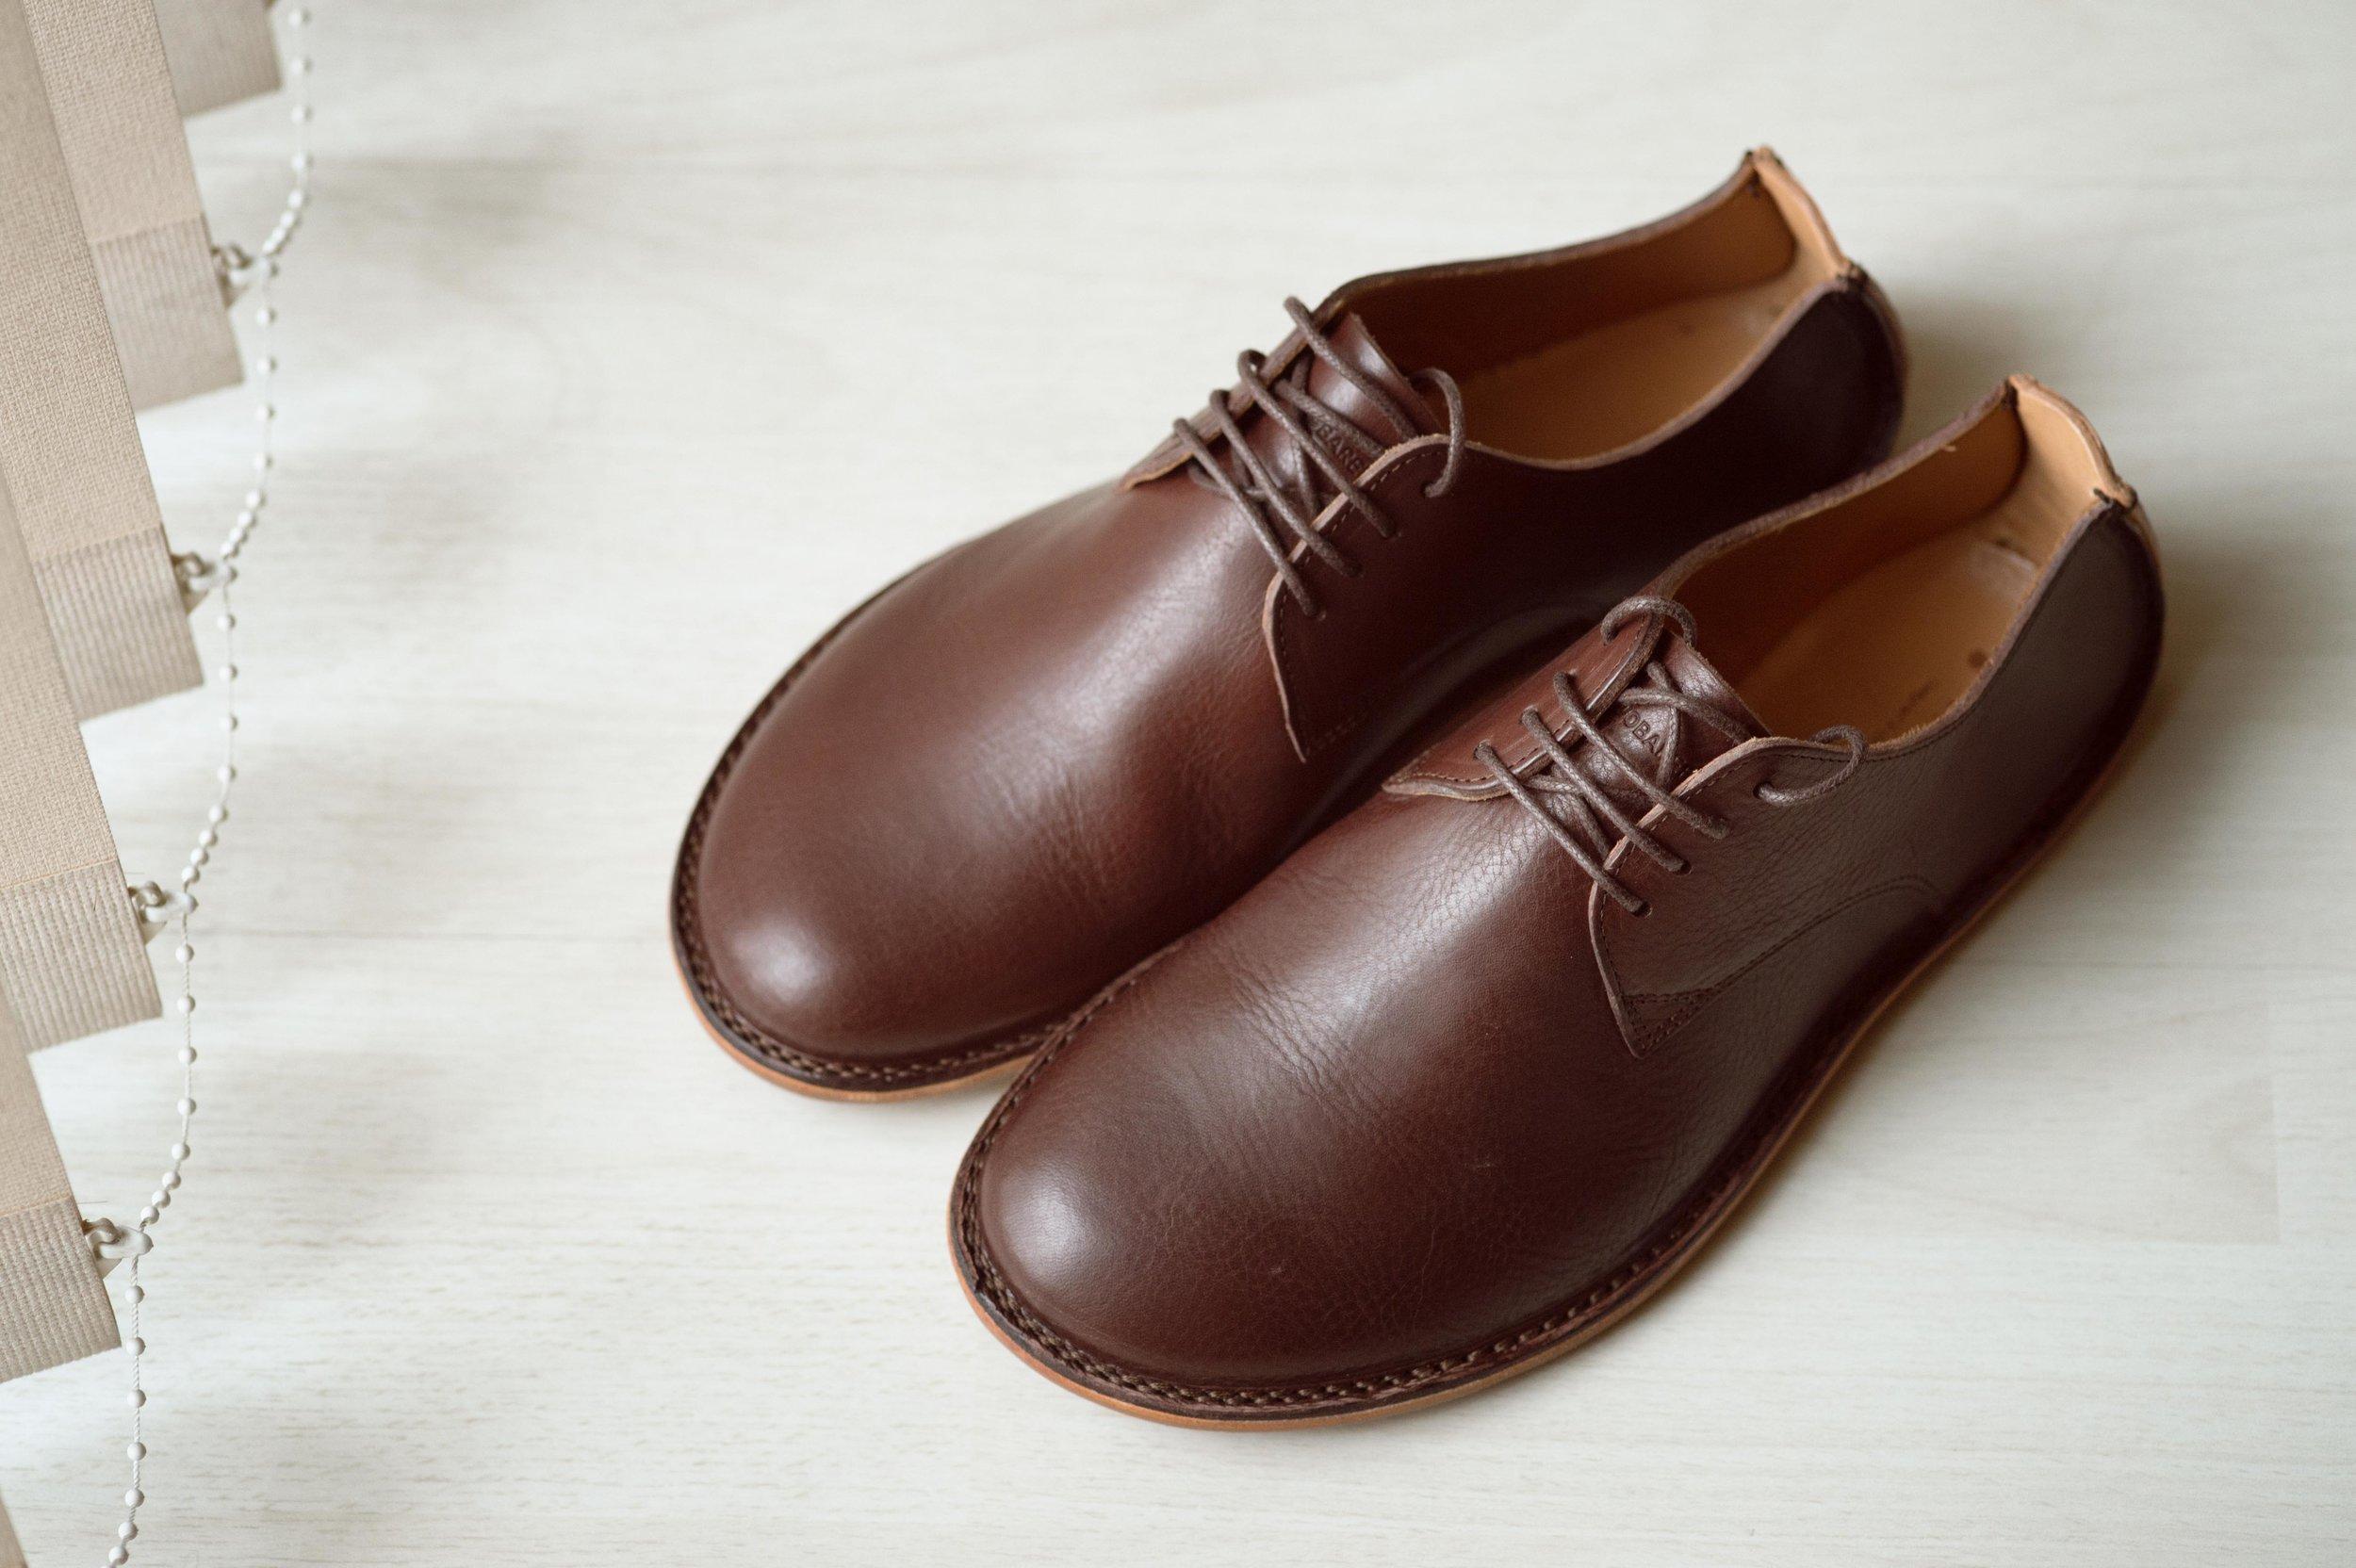 Barefoot_runner_office_shoes_thetrinerd_aniko_towers_photo-23.jpg